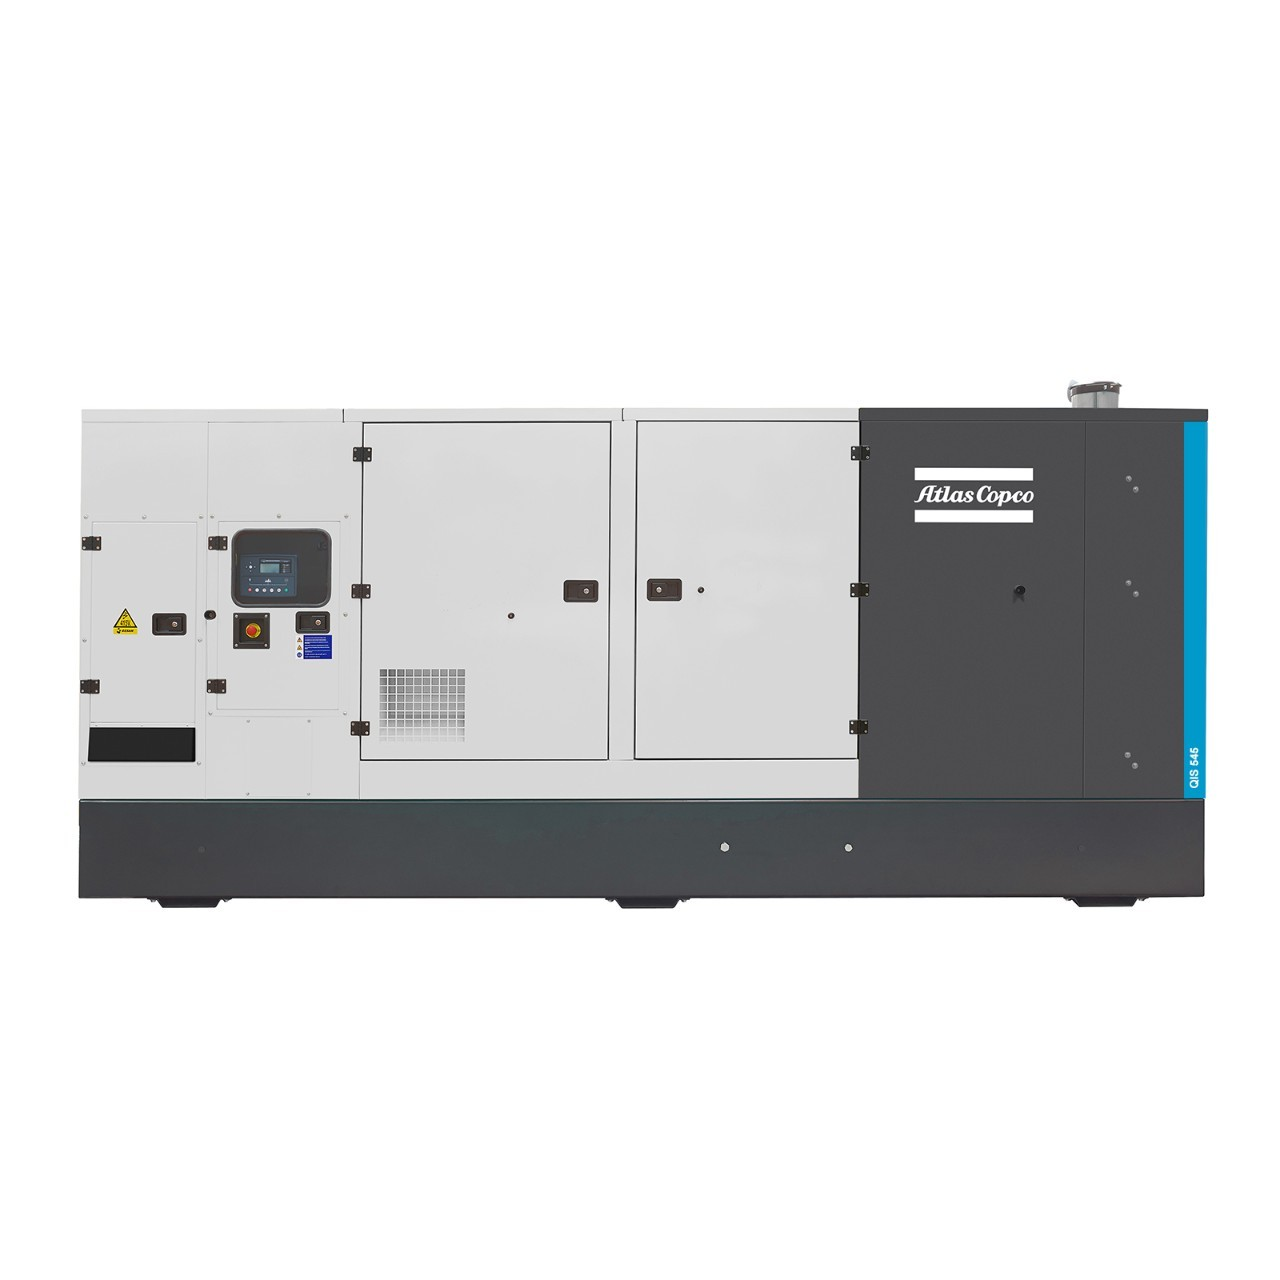 Дизельный генератор Atlas Copco QIS 545 с АВР